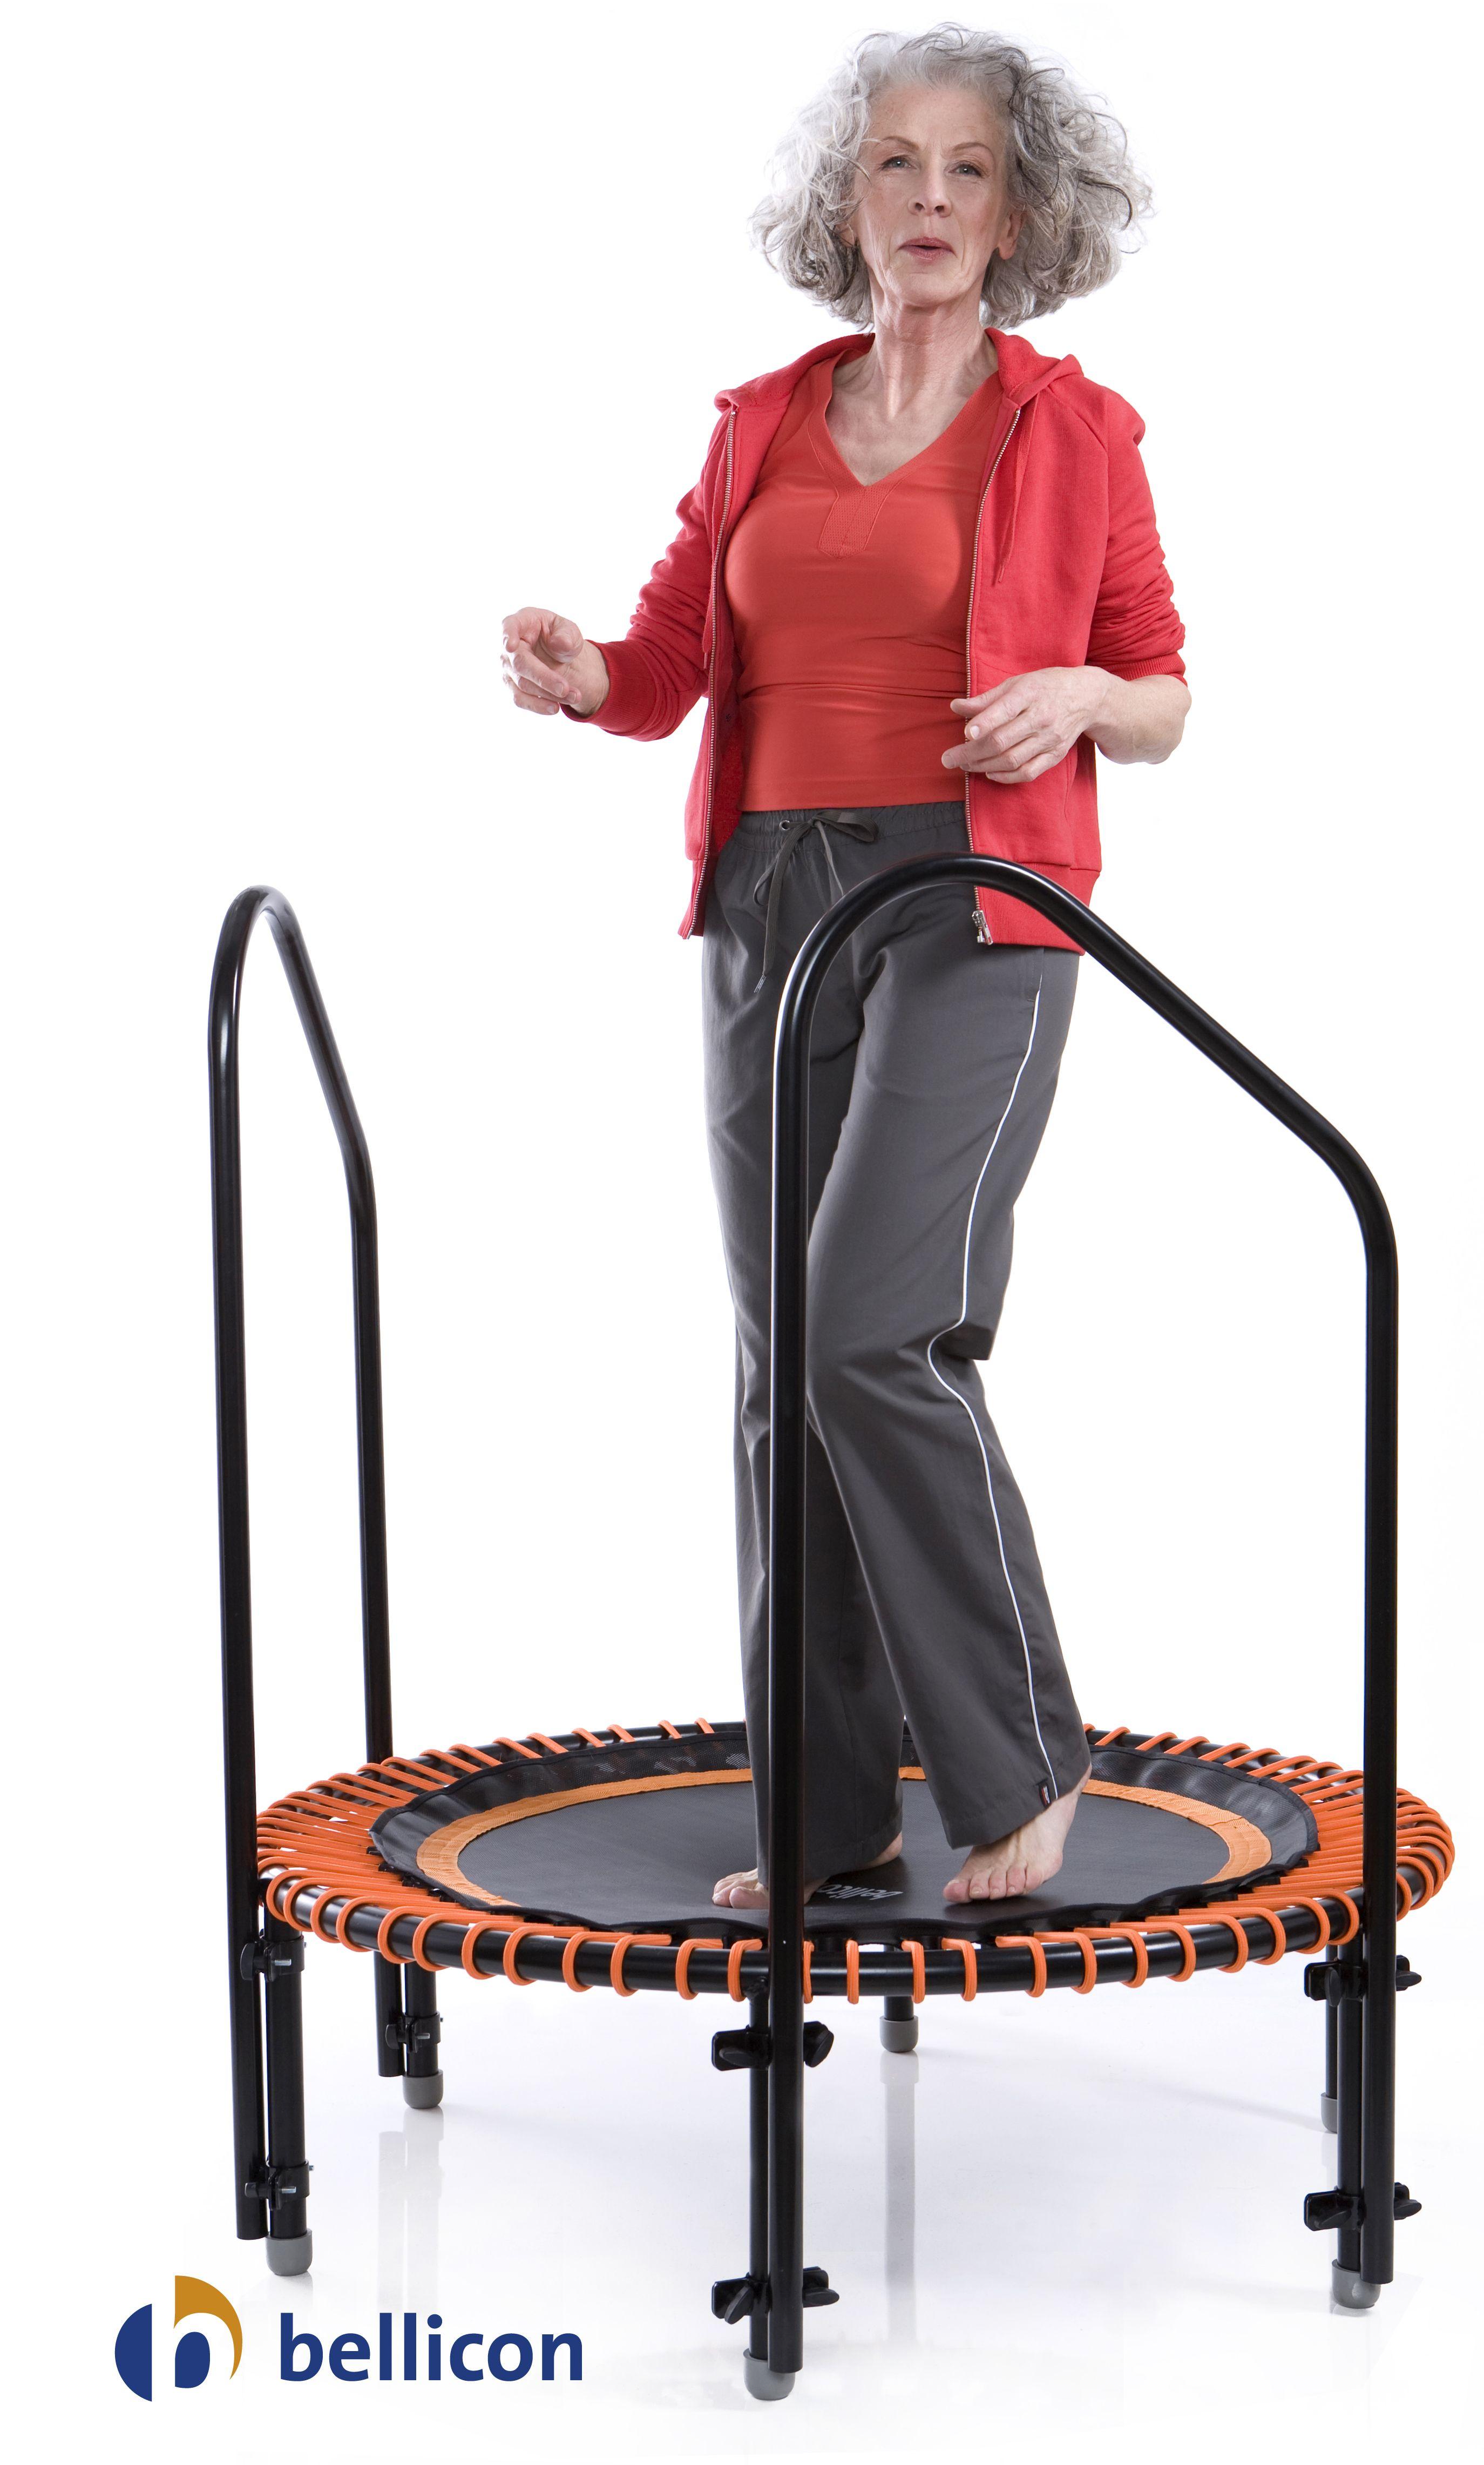 bellicon mini trampolin mit haltegriffen bellicon. Black Bedroom Furniture Sets. Home Design Ideas